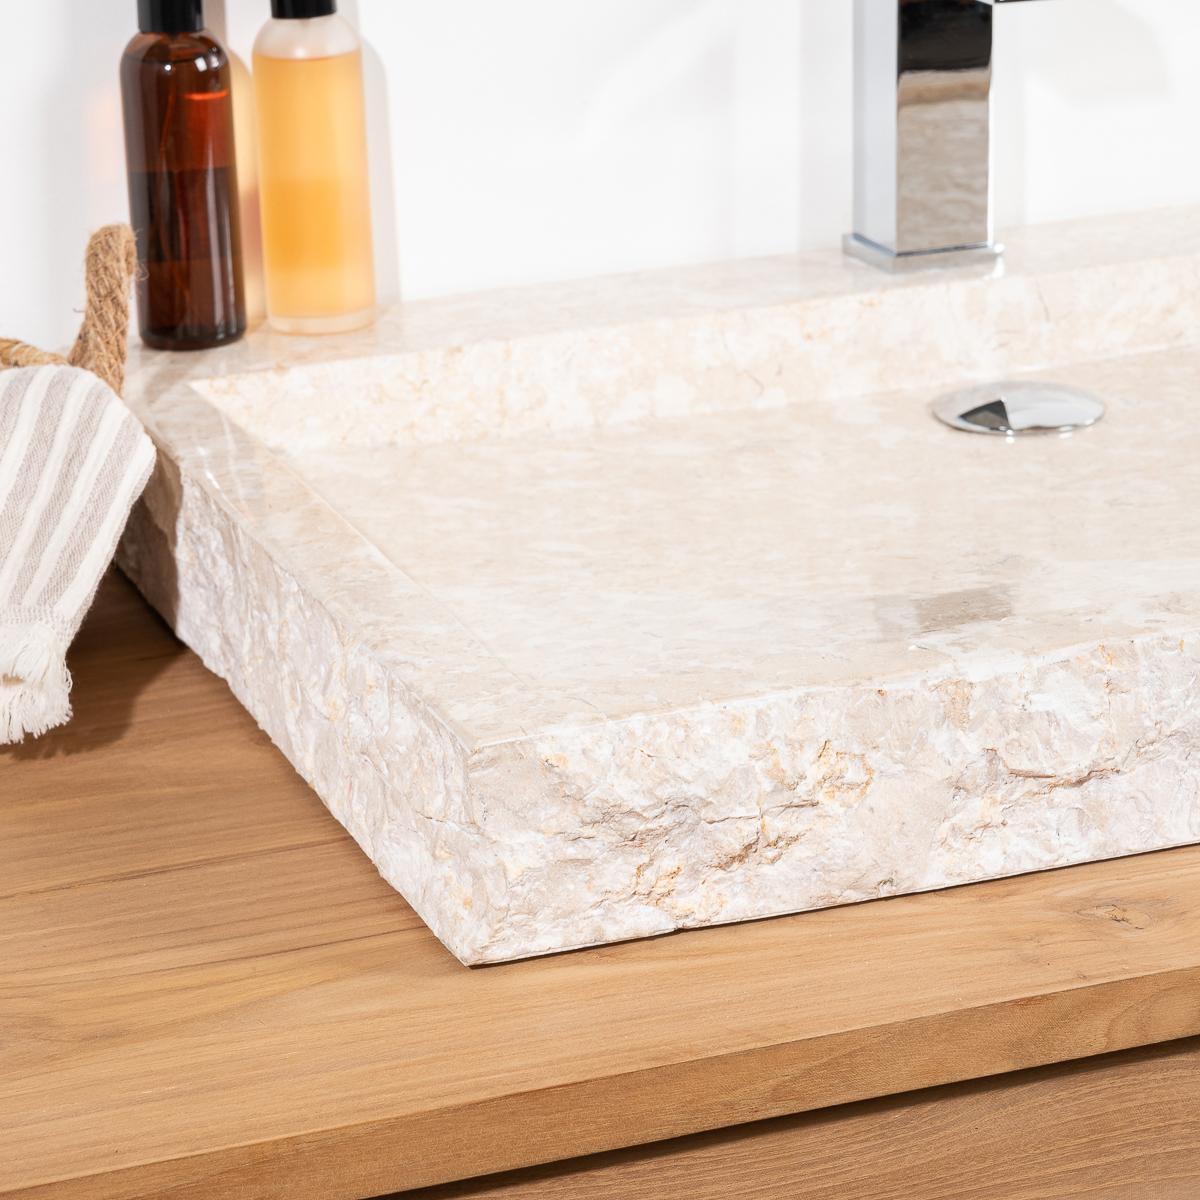 Plan Vasque En Pierre cosy large cream rectangular marble countertop sink 70 cm